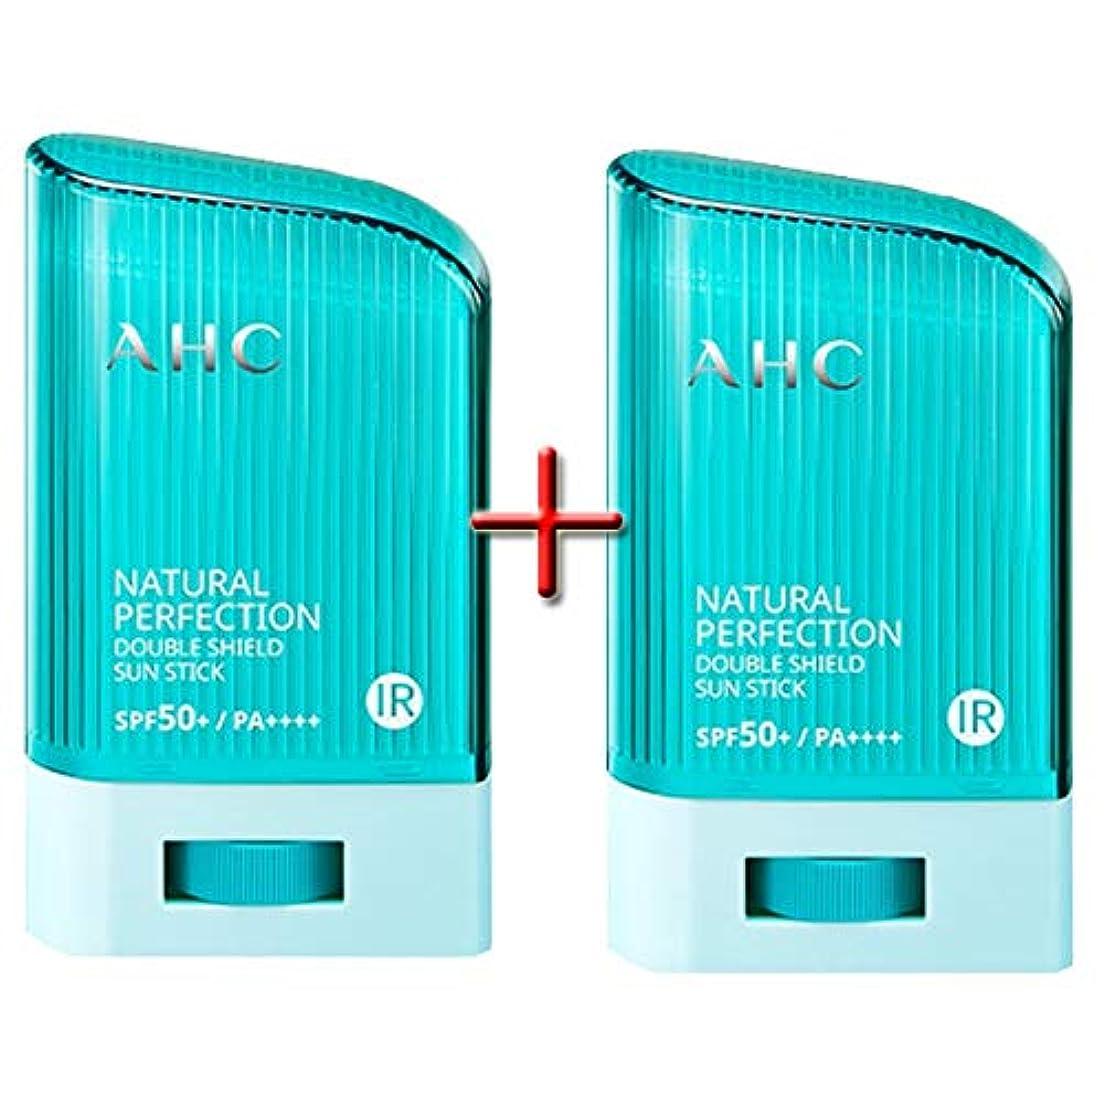 ドレスずんぐりした世紀[ 1+1 ] AHC ナチュラルパーフェクションダブルシールドサンスティック 22g, Natural Perfection Double Shield Sun Stick SPF50+ PA++++